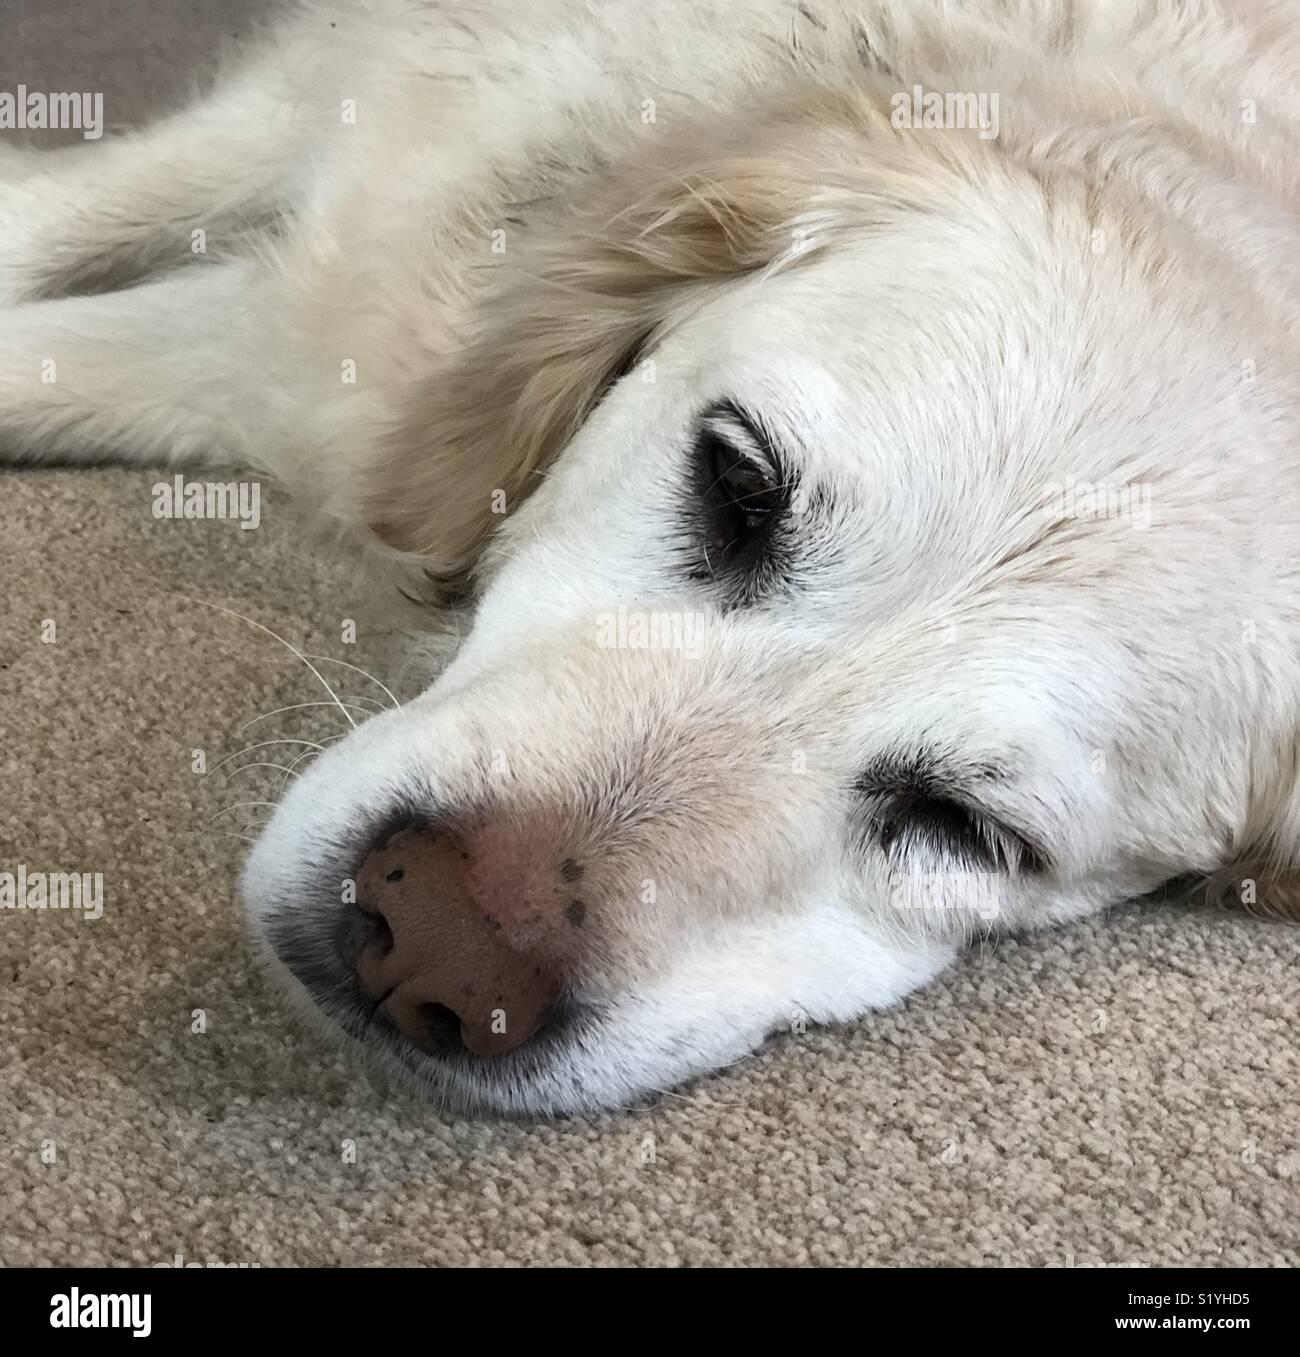 Dog Chewed Up Rug: Dog On Carpet Stock Photos & Dog On Carpet Stock Images